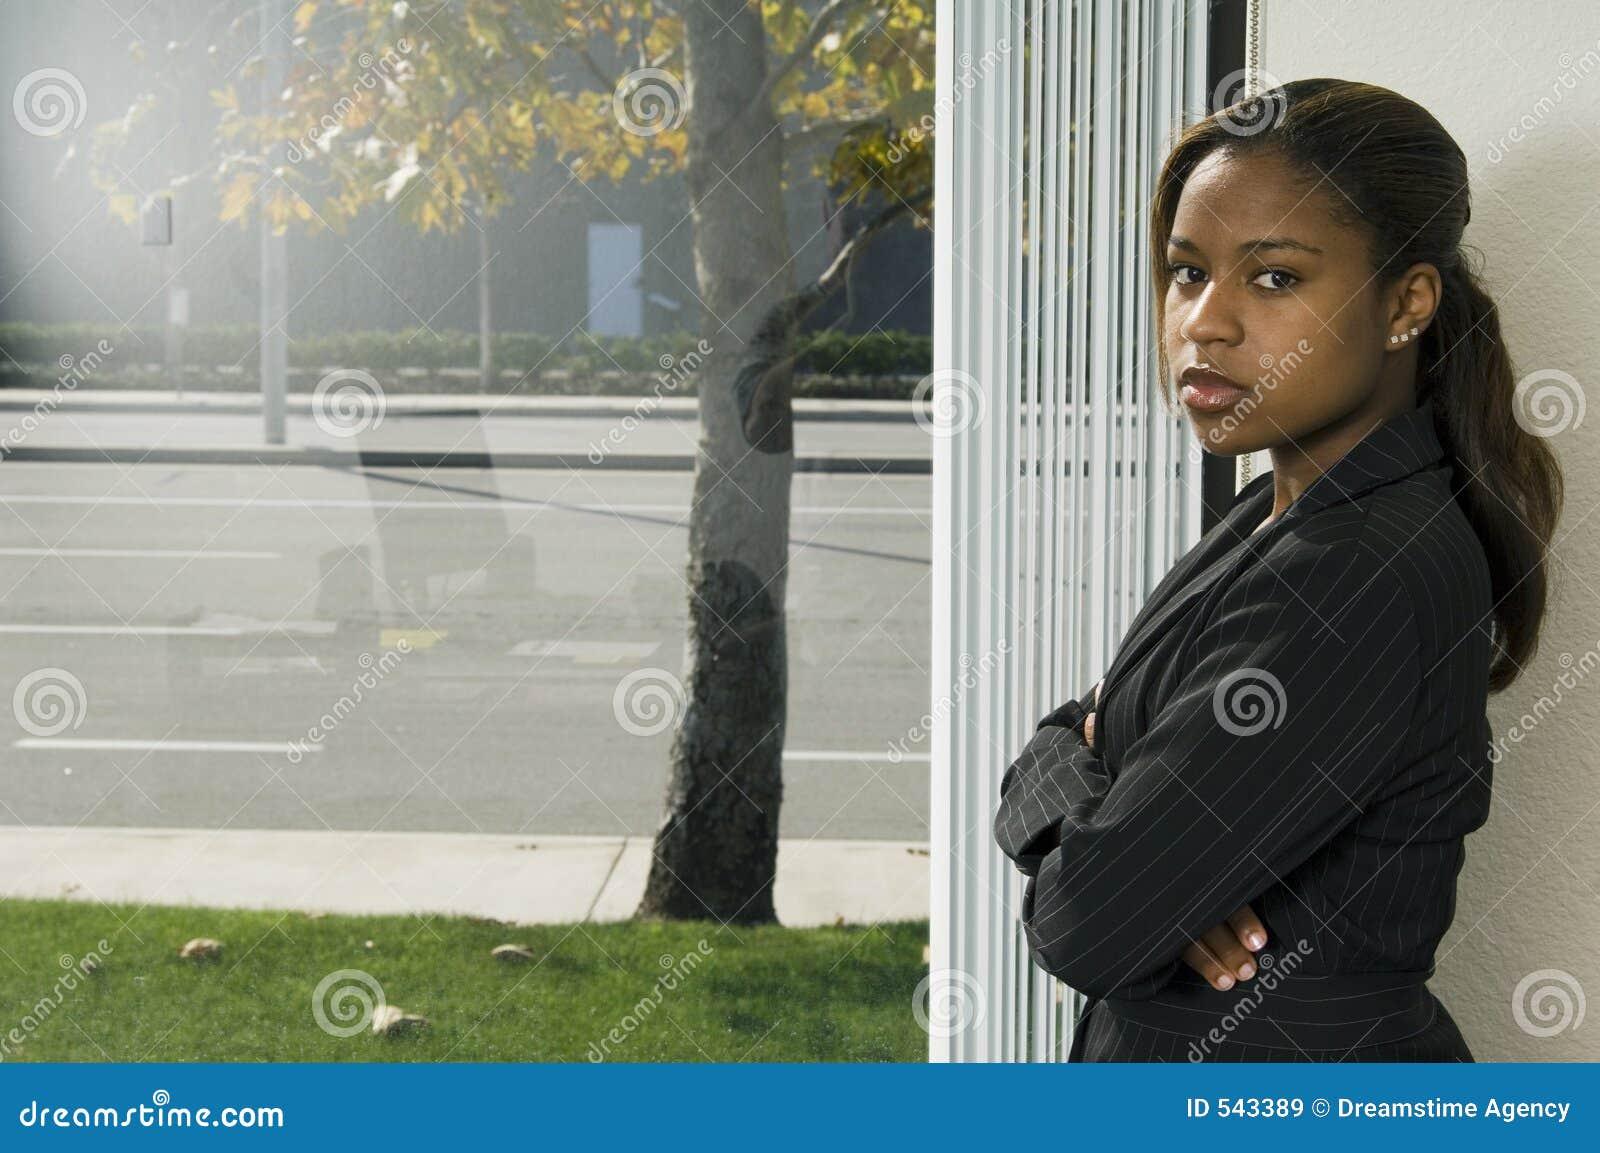 Download 女孩视窗 库存图片. 图片 包括有 强大, 视窗, 员工, 妇女, 大使, 文件, 确信, 清醒, 工作, 读取 - 543389